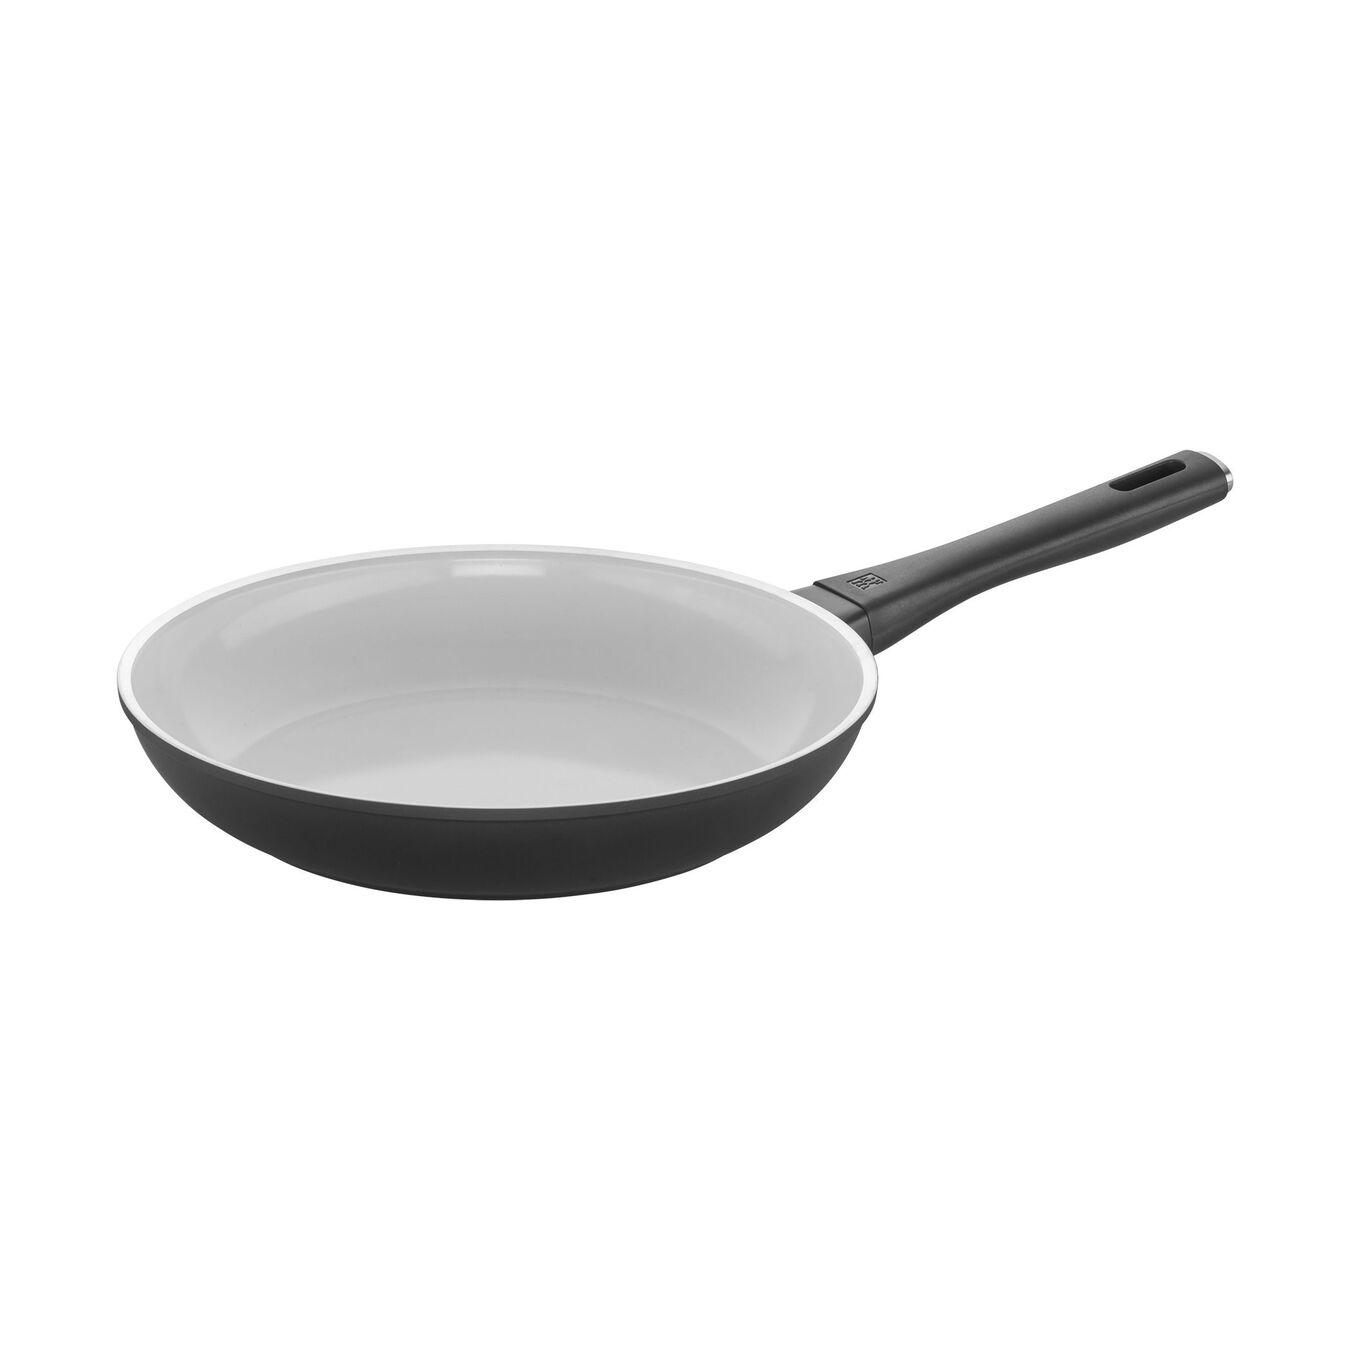 4-pc Fry Pan Set,,large 4